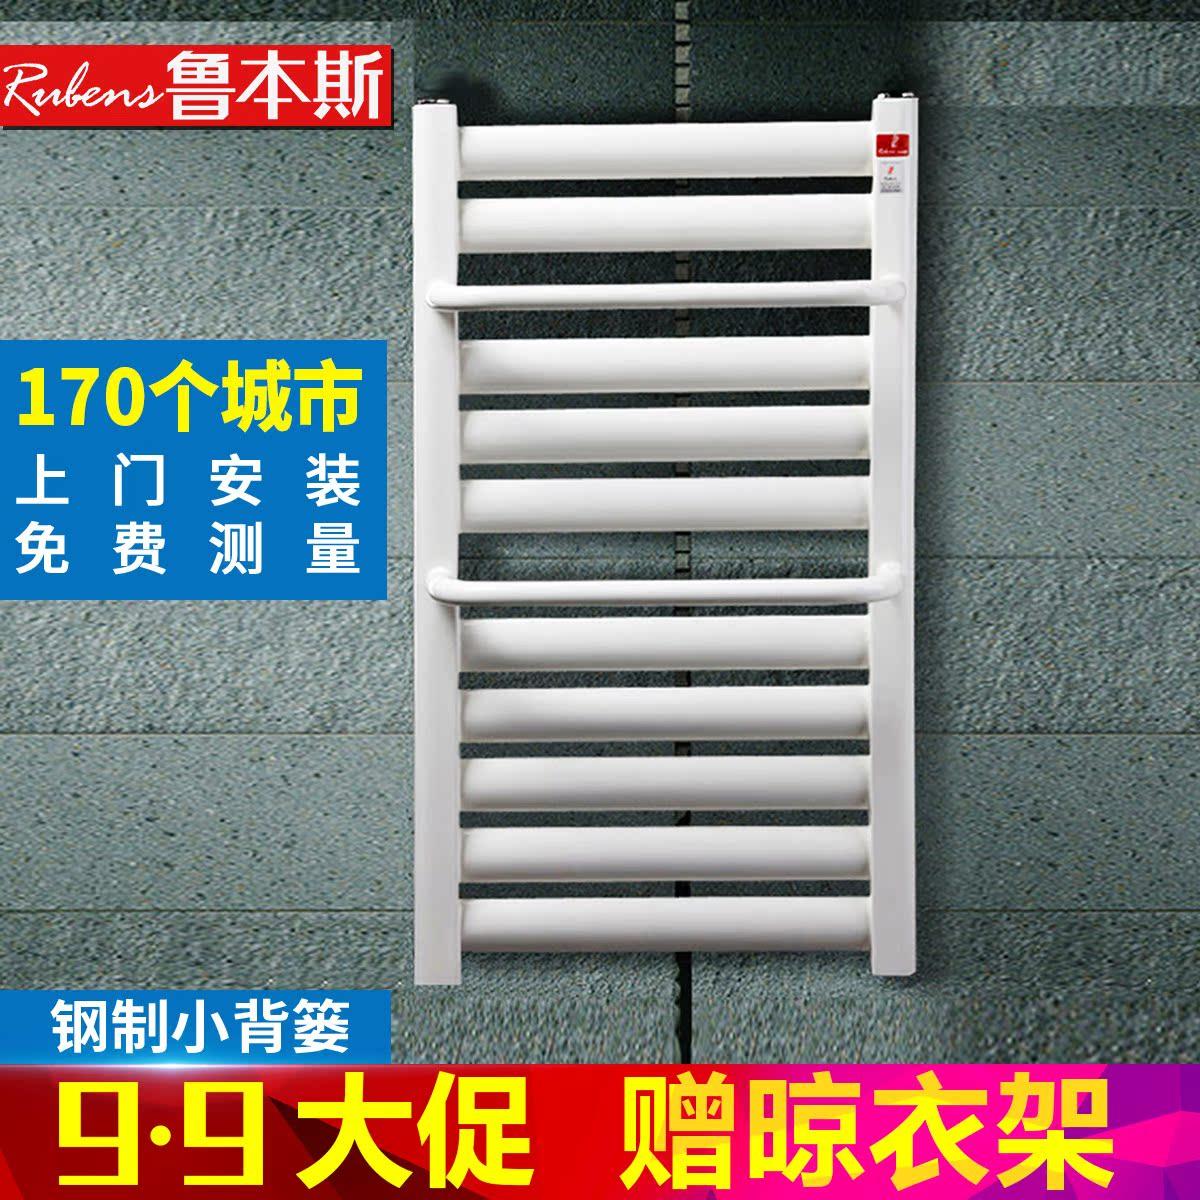 魯本斯鋼製小背簍水暖氣片家用壁掛式定製采暖衛生間晾衣架散熱器